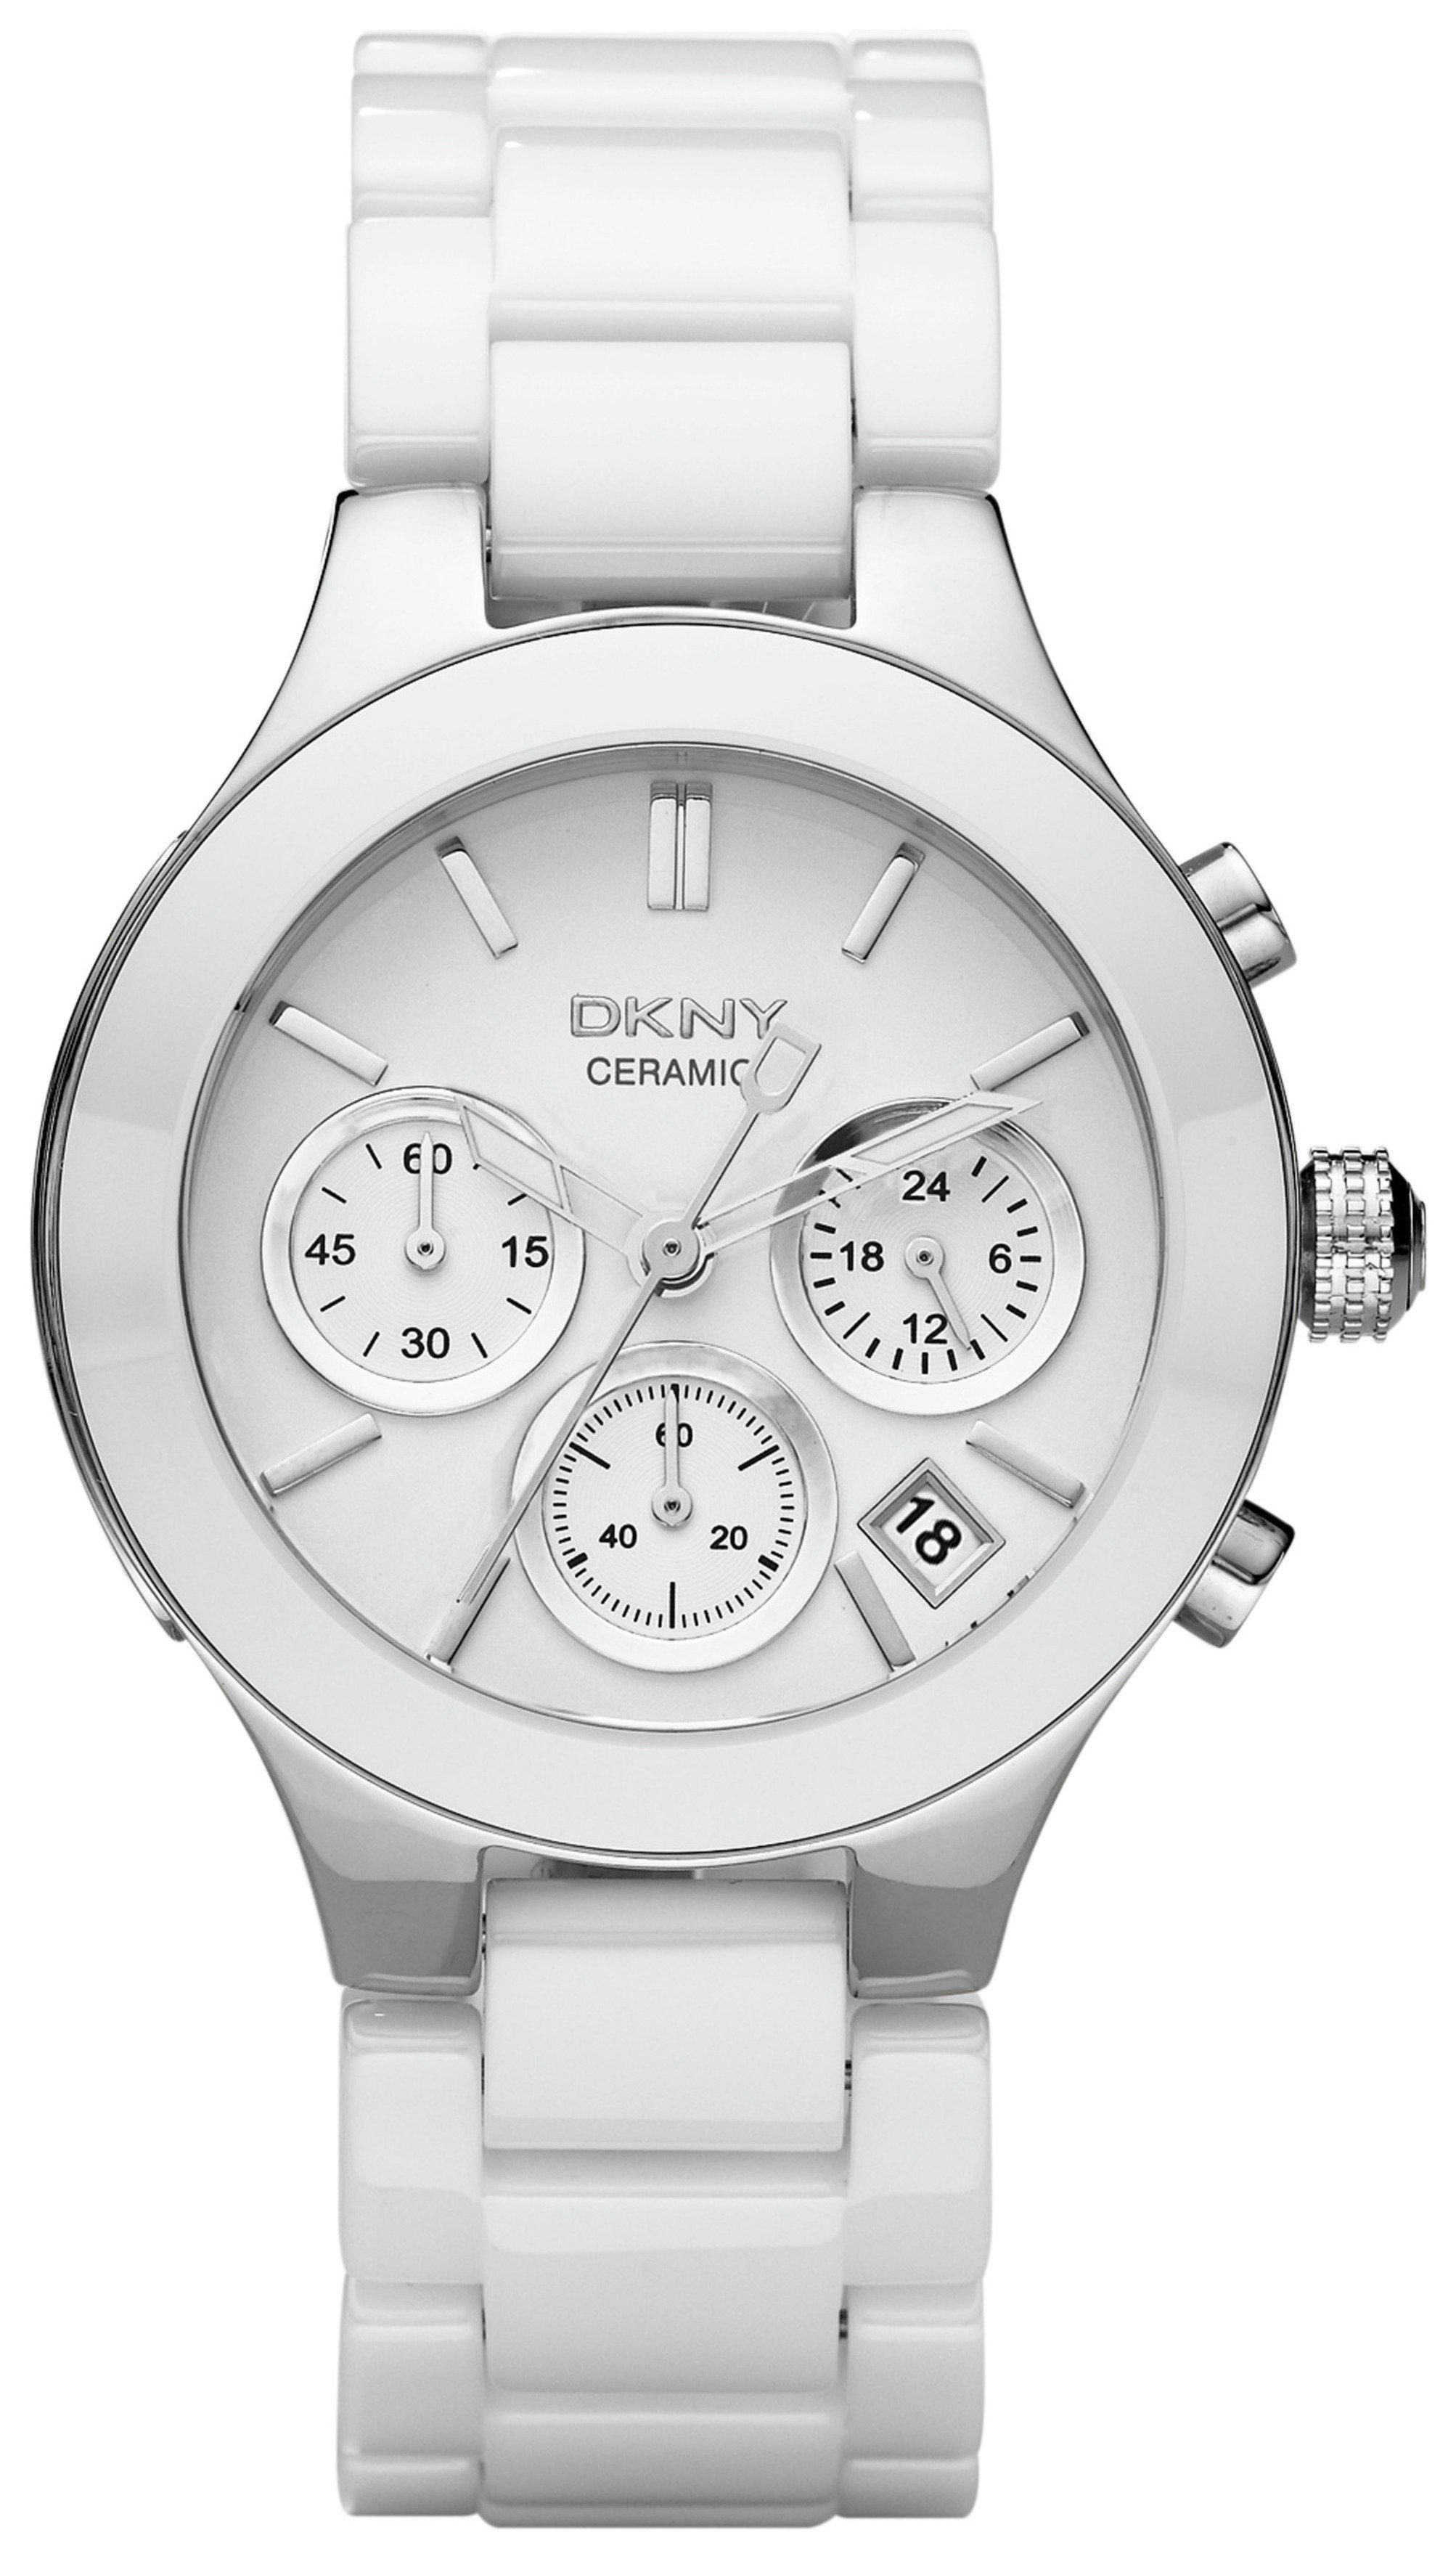 9c45e0296 DKNY Ladies' Chambers NY4912 Ceramic Chronograph Watch (7499944 ...